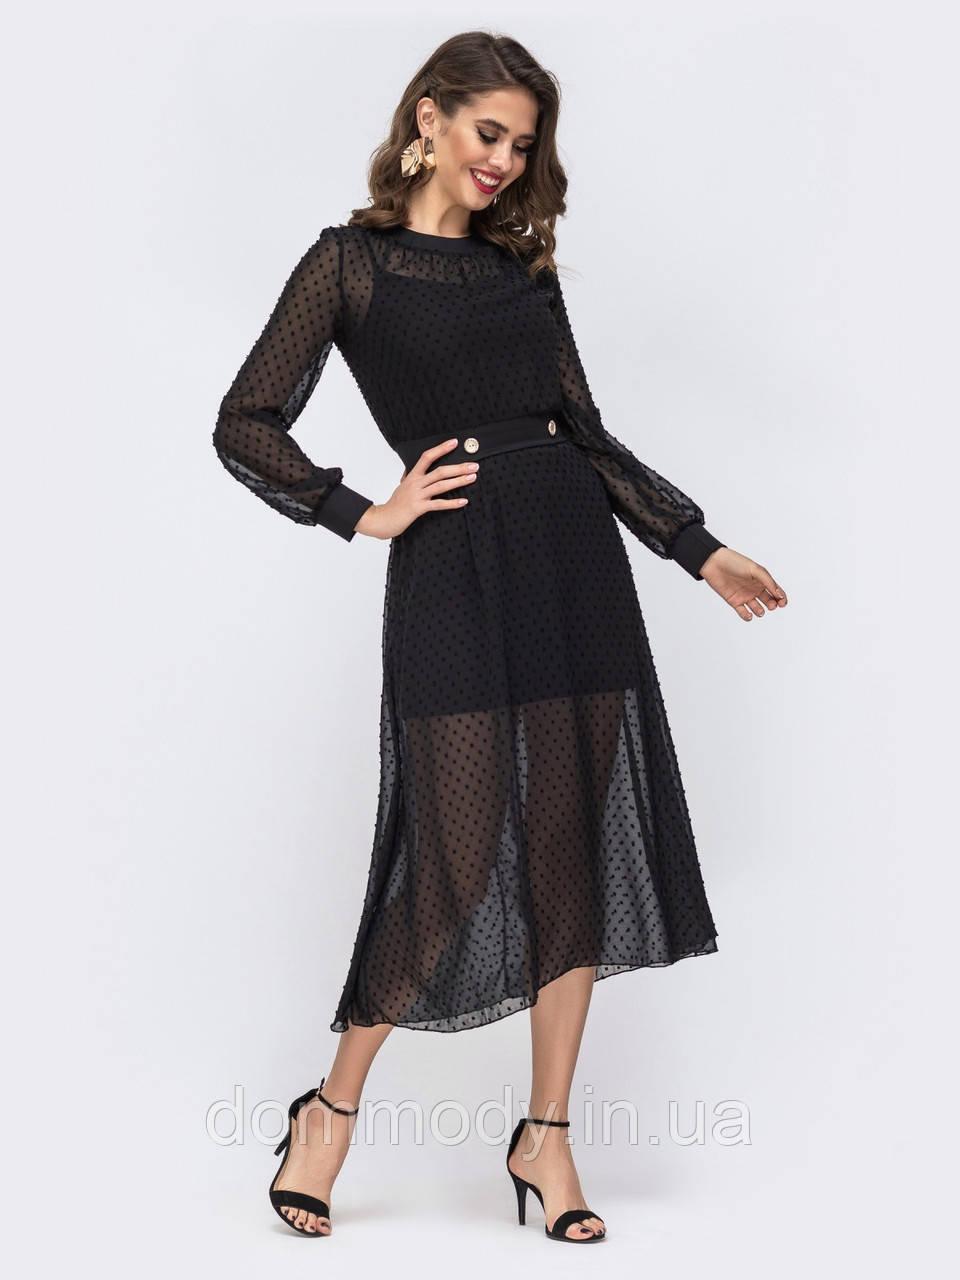 Сукня жіноча Charm black